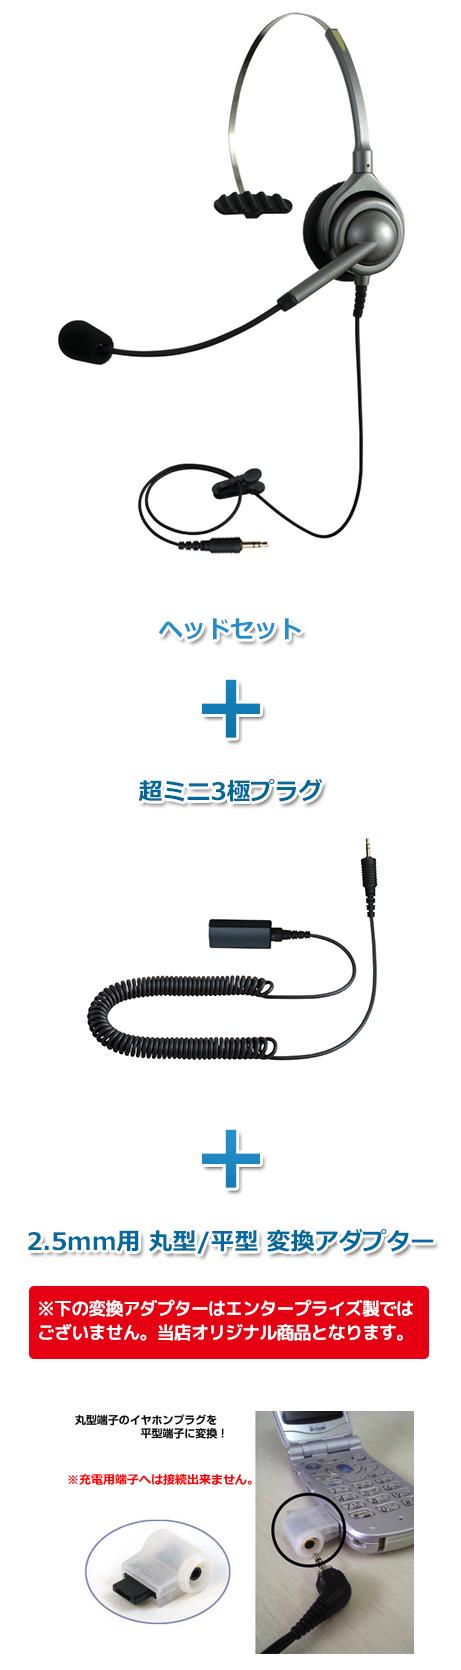 エンタープライズ製(日本製) ヘッドセット(携帯電話接続 EN-M・M20・VH-0201 超ミニ3極プラグと平型端子変換セット)